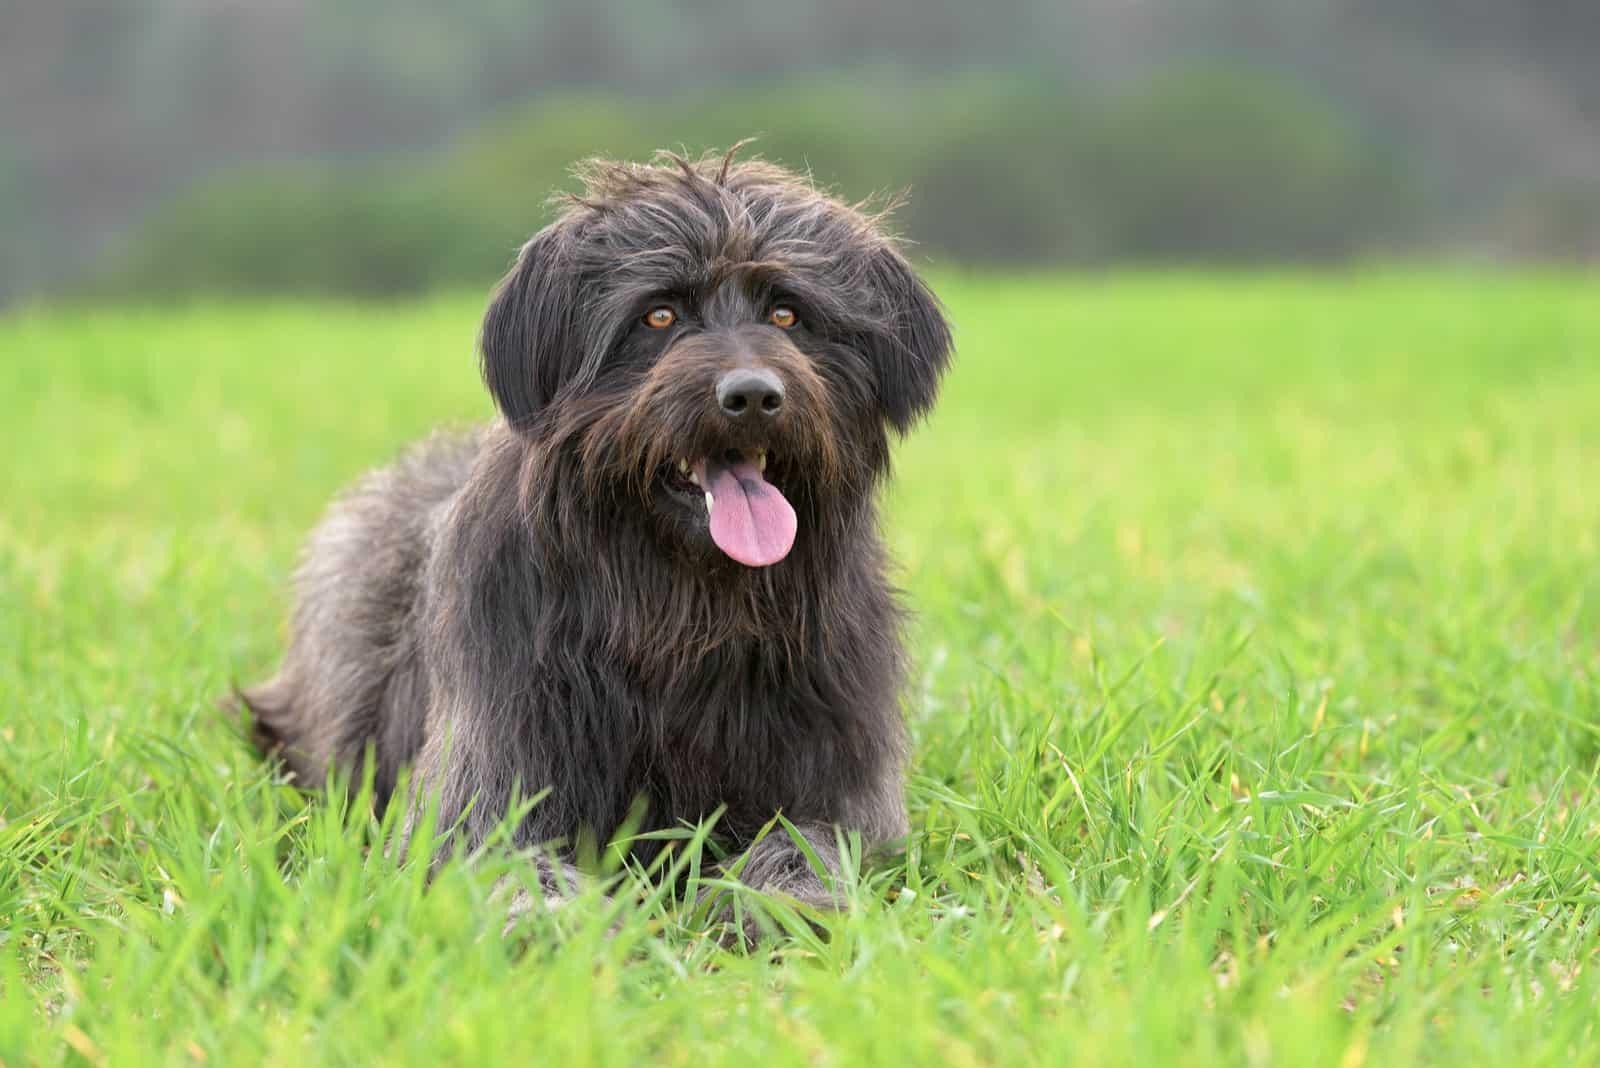 Schwarzer katalanischer Schäferhund im Freien auf einem Feld mit Gras